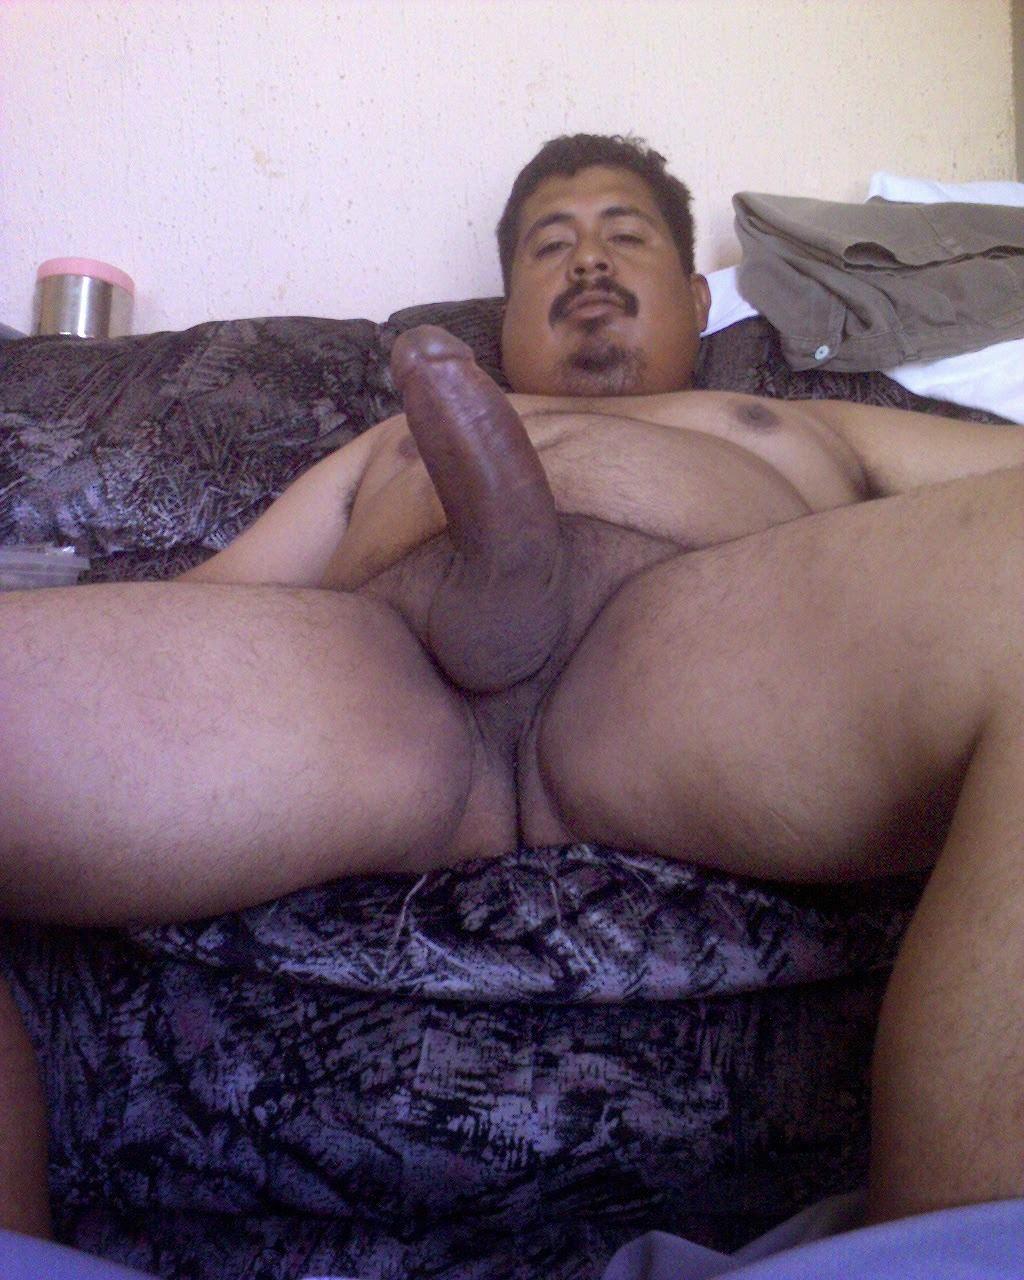 big latin cock tumblr